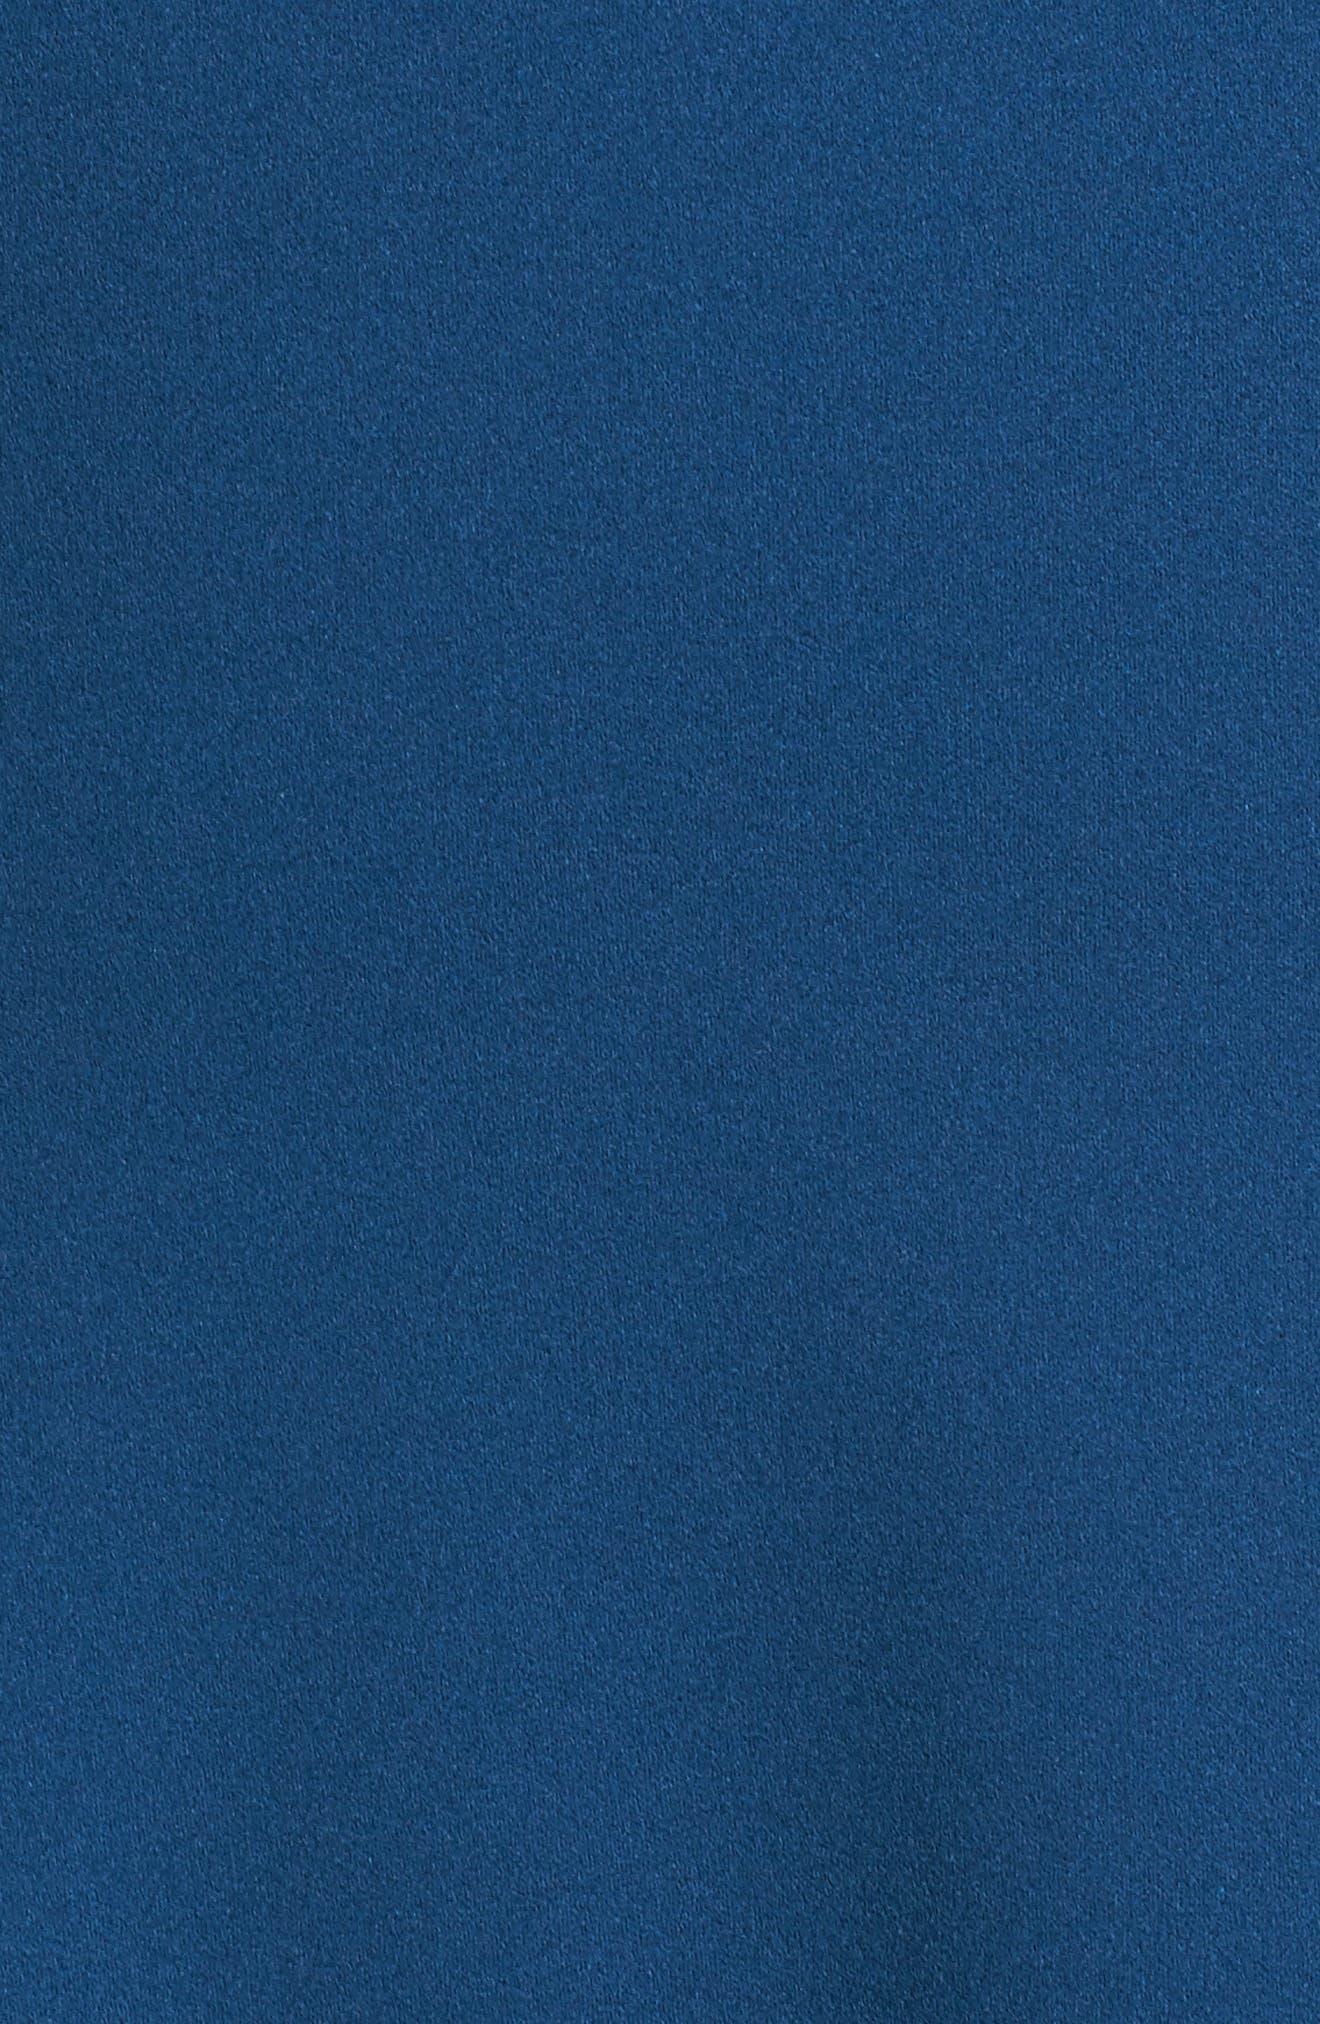 Capelet A-Line Dress,                             Alternate thumbnail 5, color,                             471